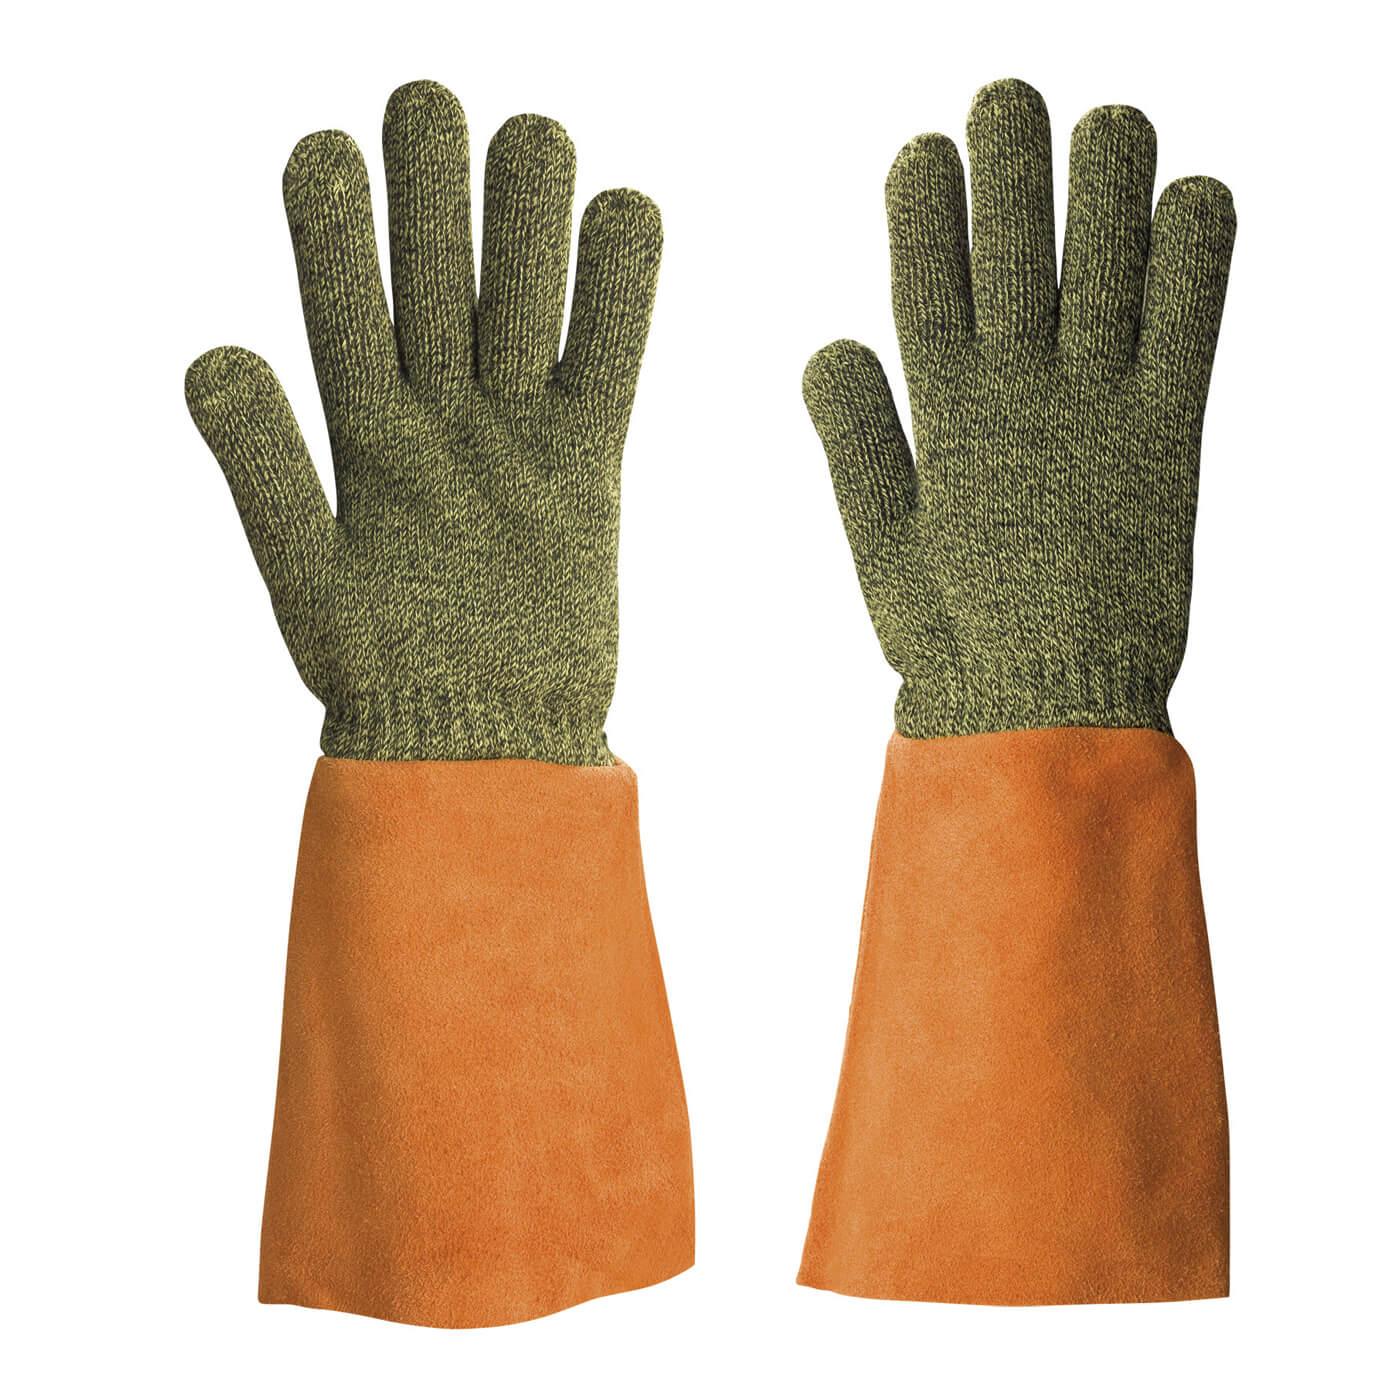 Rękawice termiczne KCL 954 KARBOTECT L